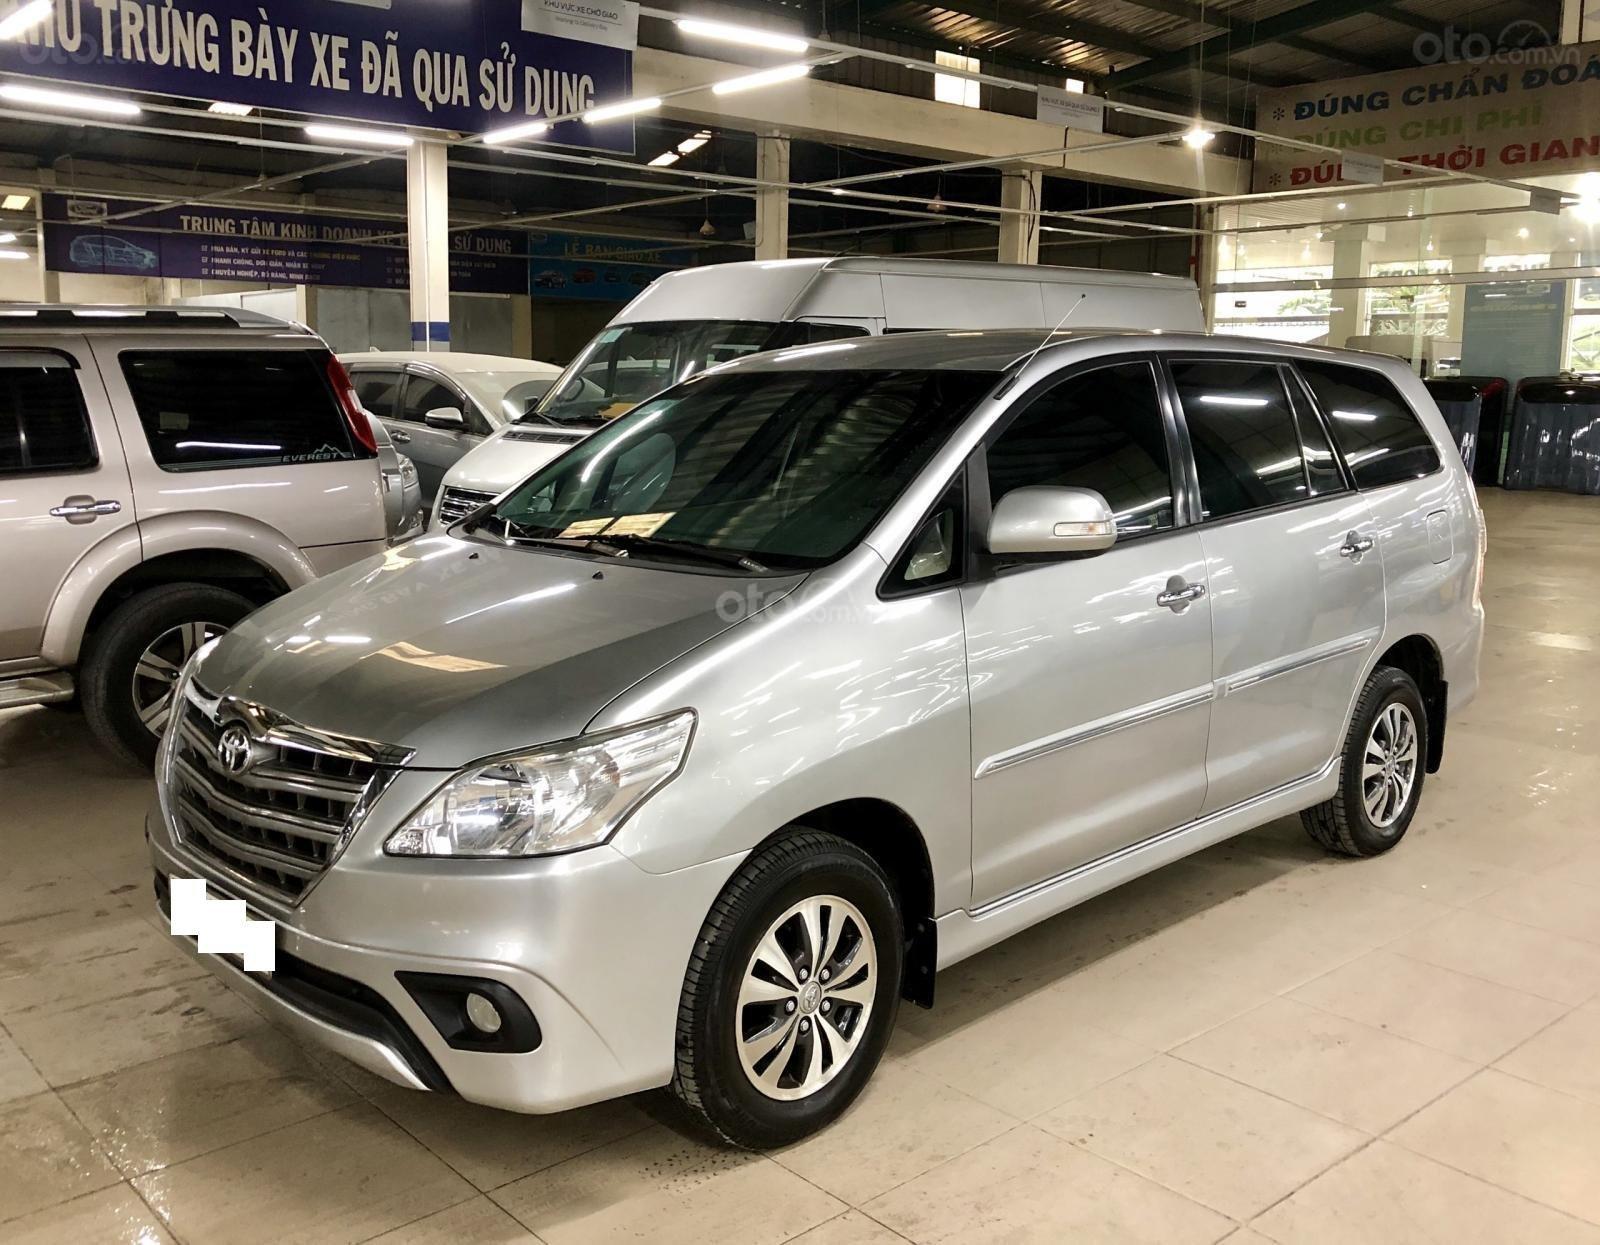 Bán xe Toyota Innova AT 2015, xe bán tại hãng Western Ford có bảo hành-2